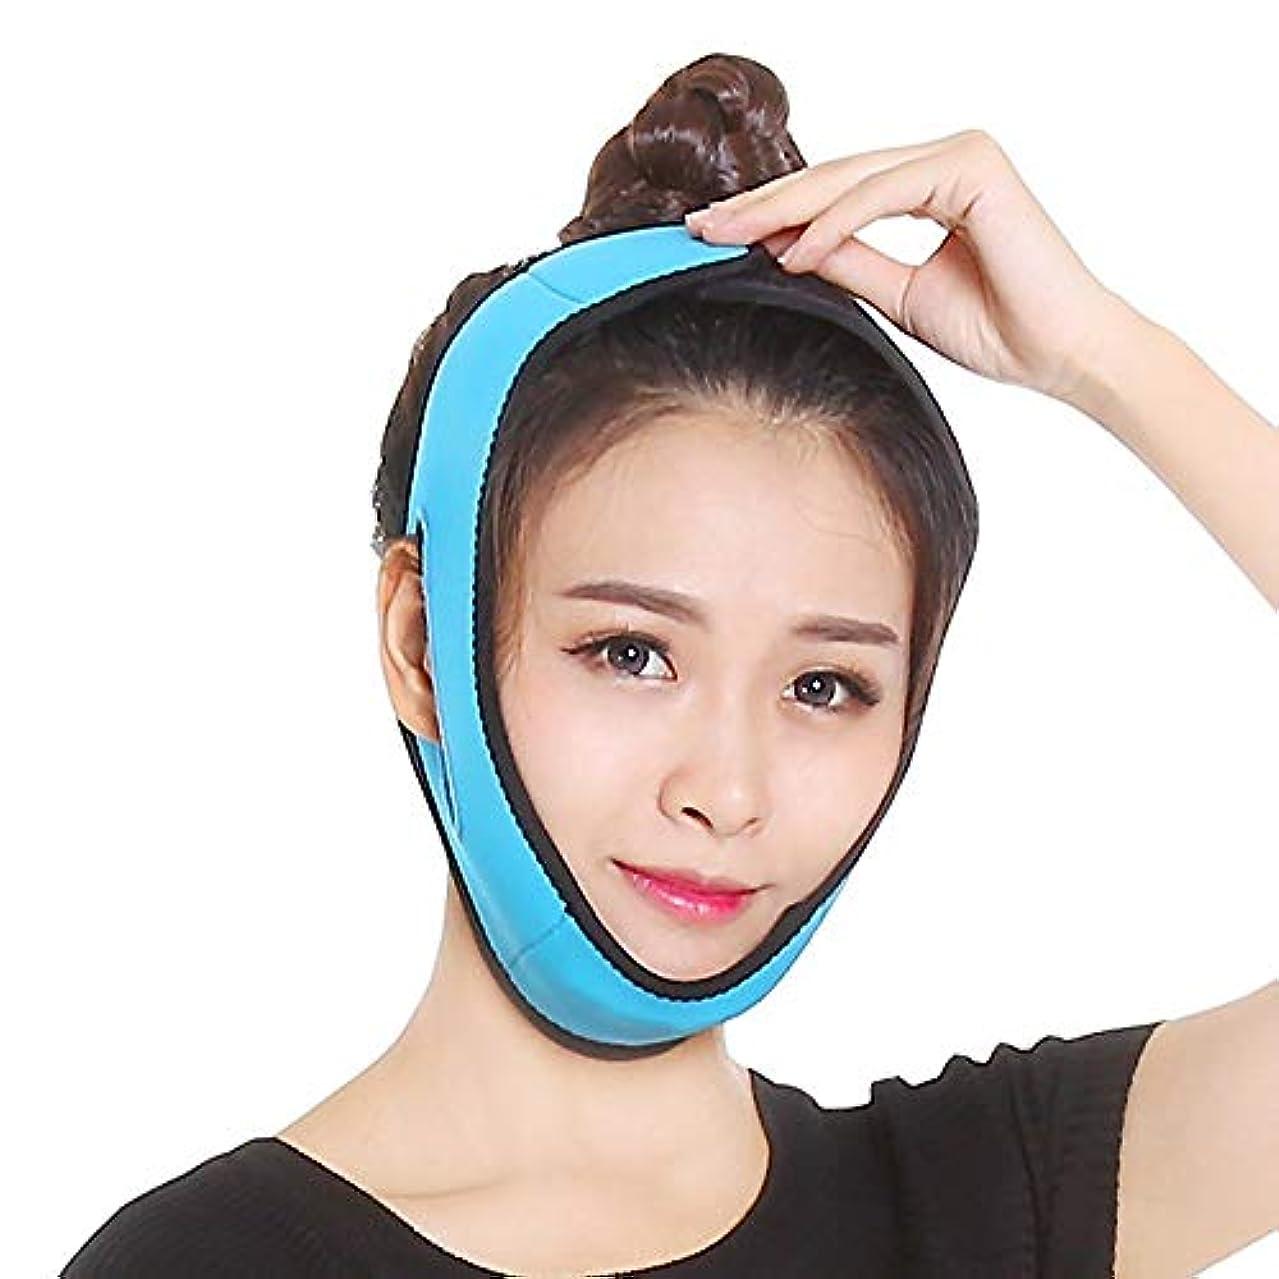 欠伸賞賛するブランクXINGZHE フェイシャルリフティングスリミングベルト - 薄いフェイス包帯二重あごデバイス無料フェイシャルマッサージ整形マスクを引き締める顔と首の顔スリム フェイスリフティングベルト